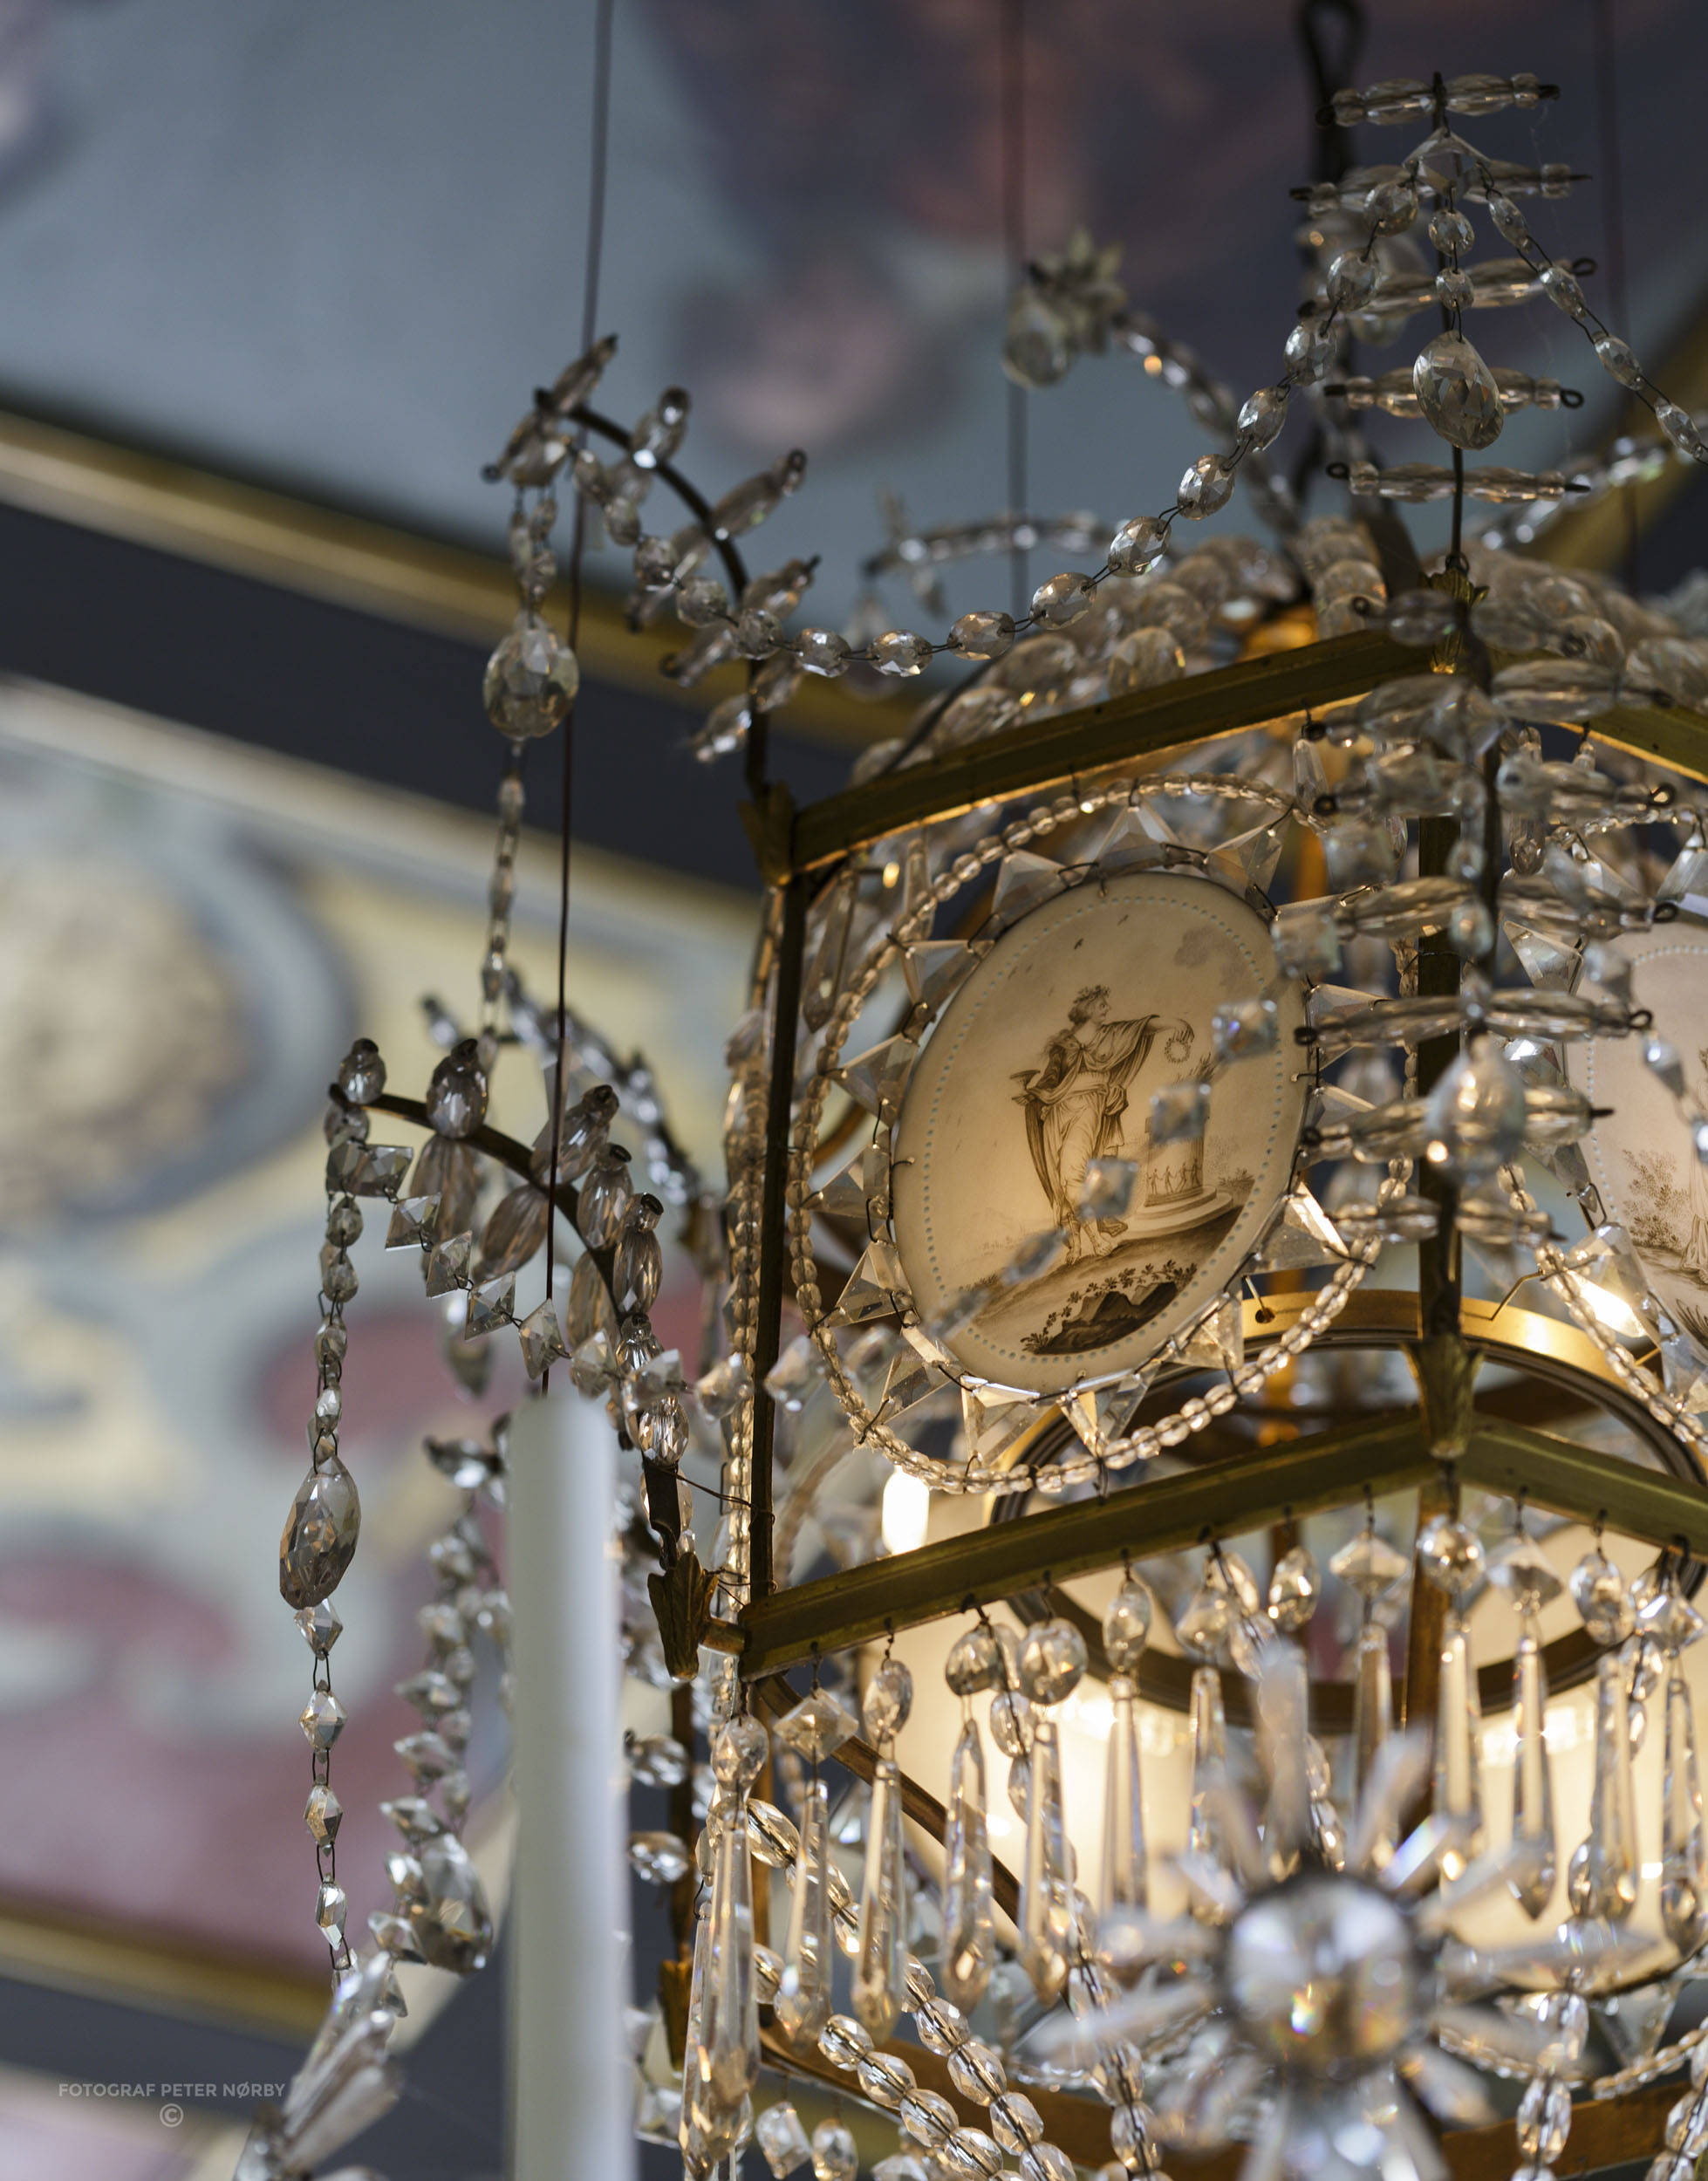 Rosenborg_Room17_06.jpg